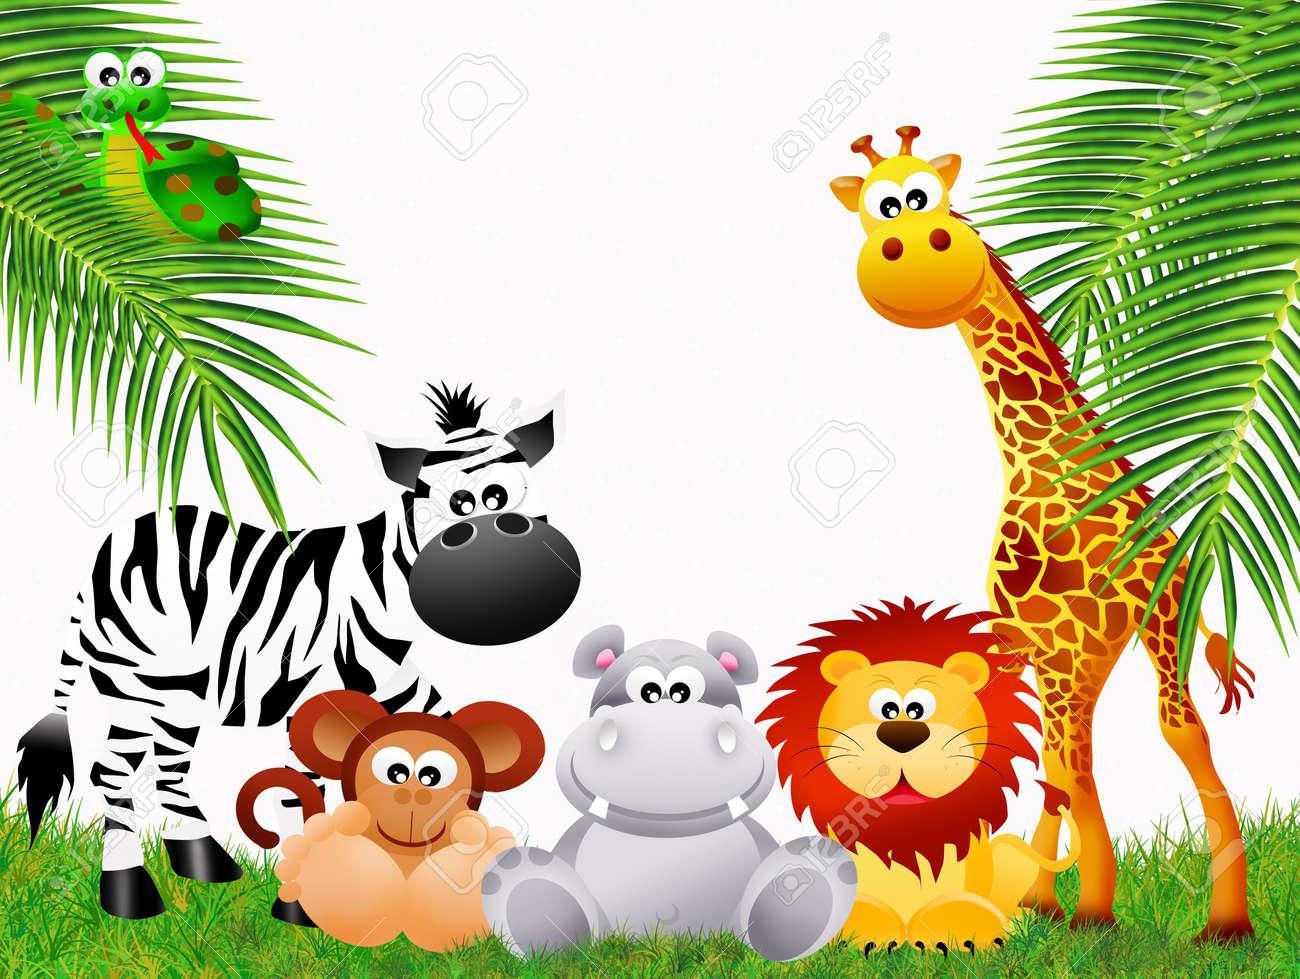 zoo animals - 20493492